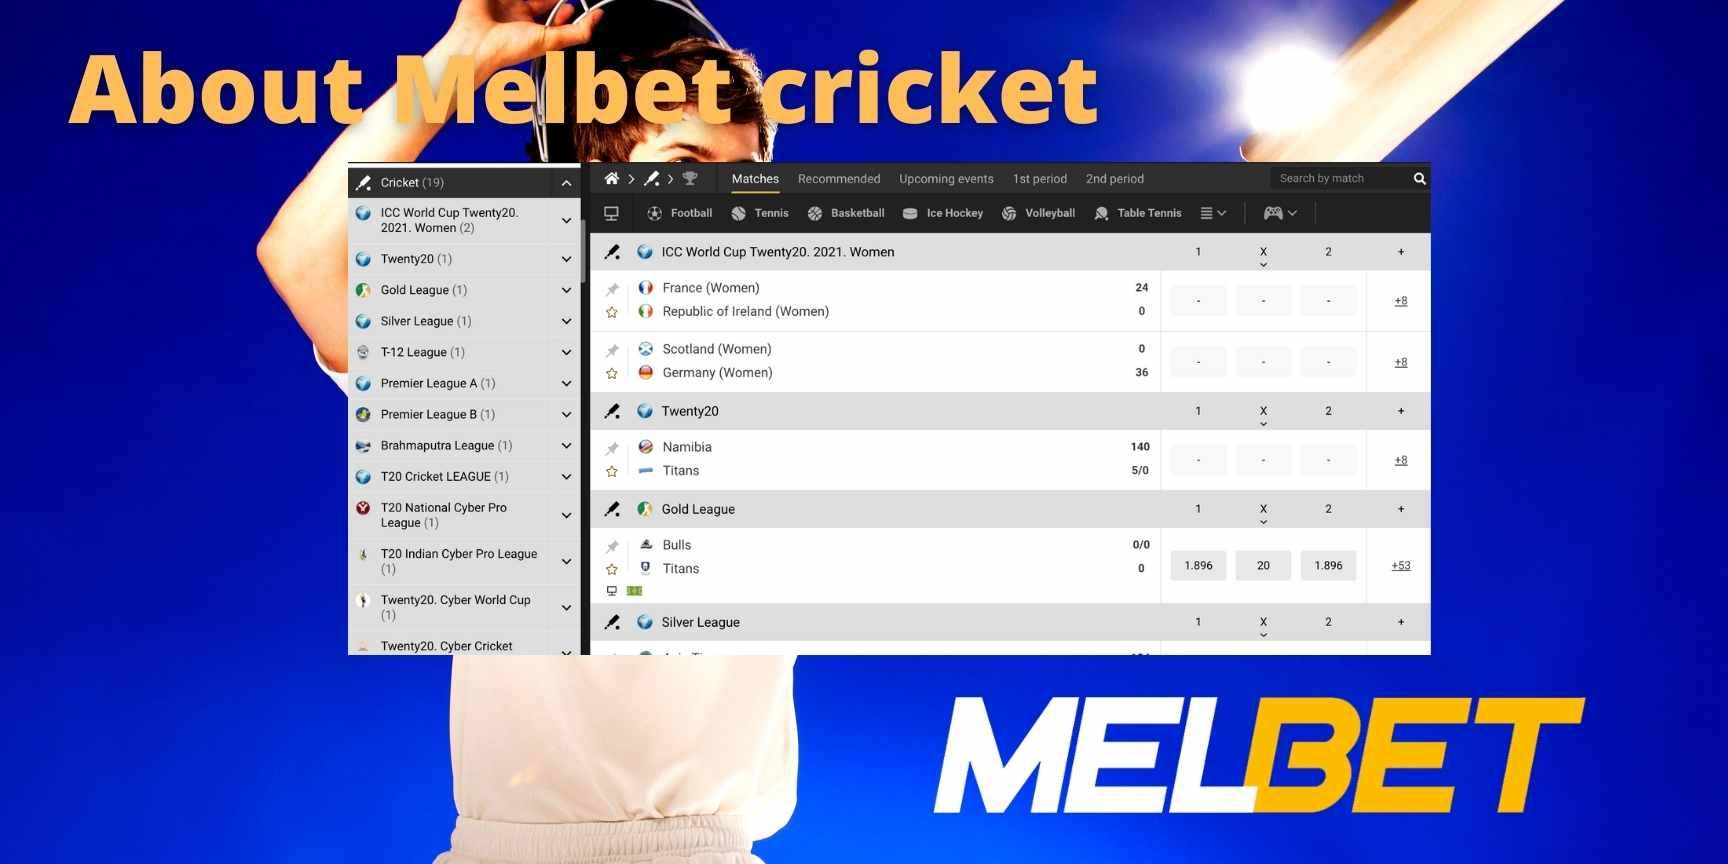 Melbet cricket